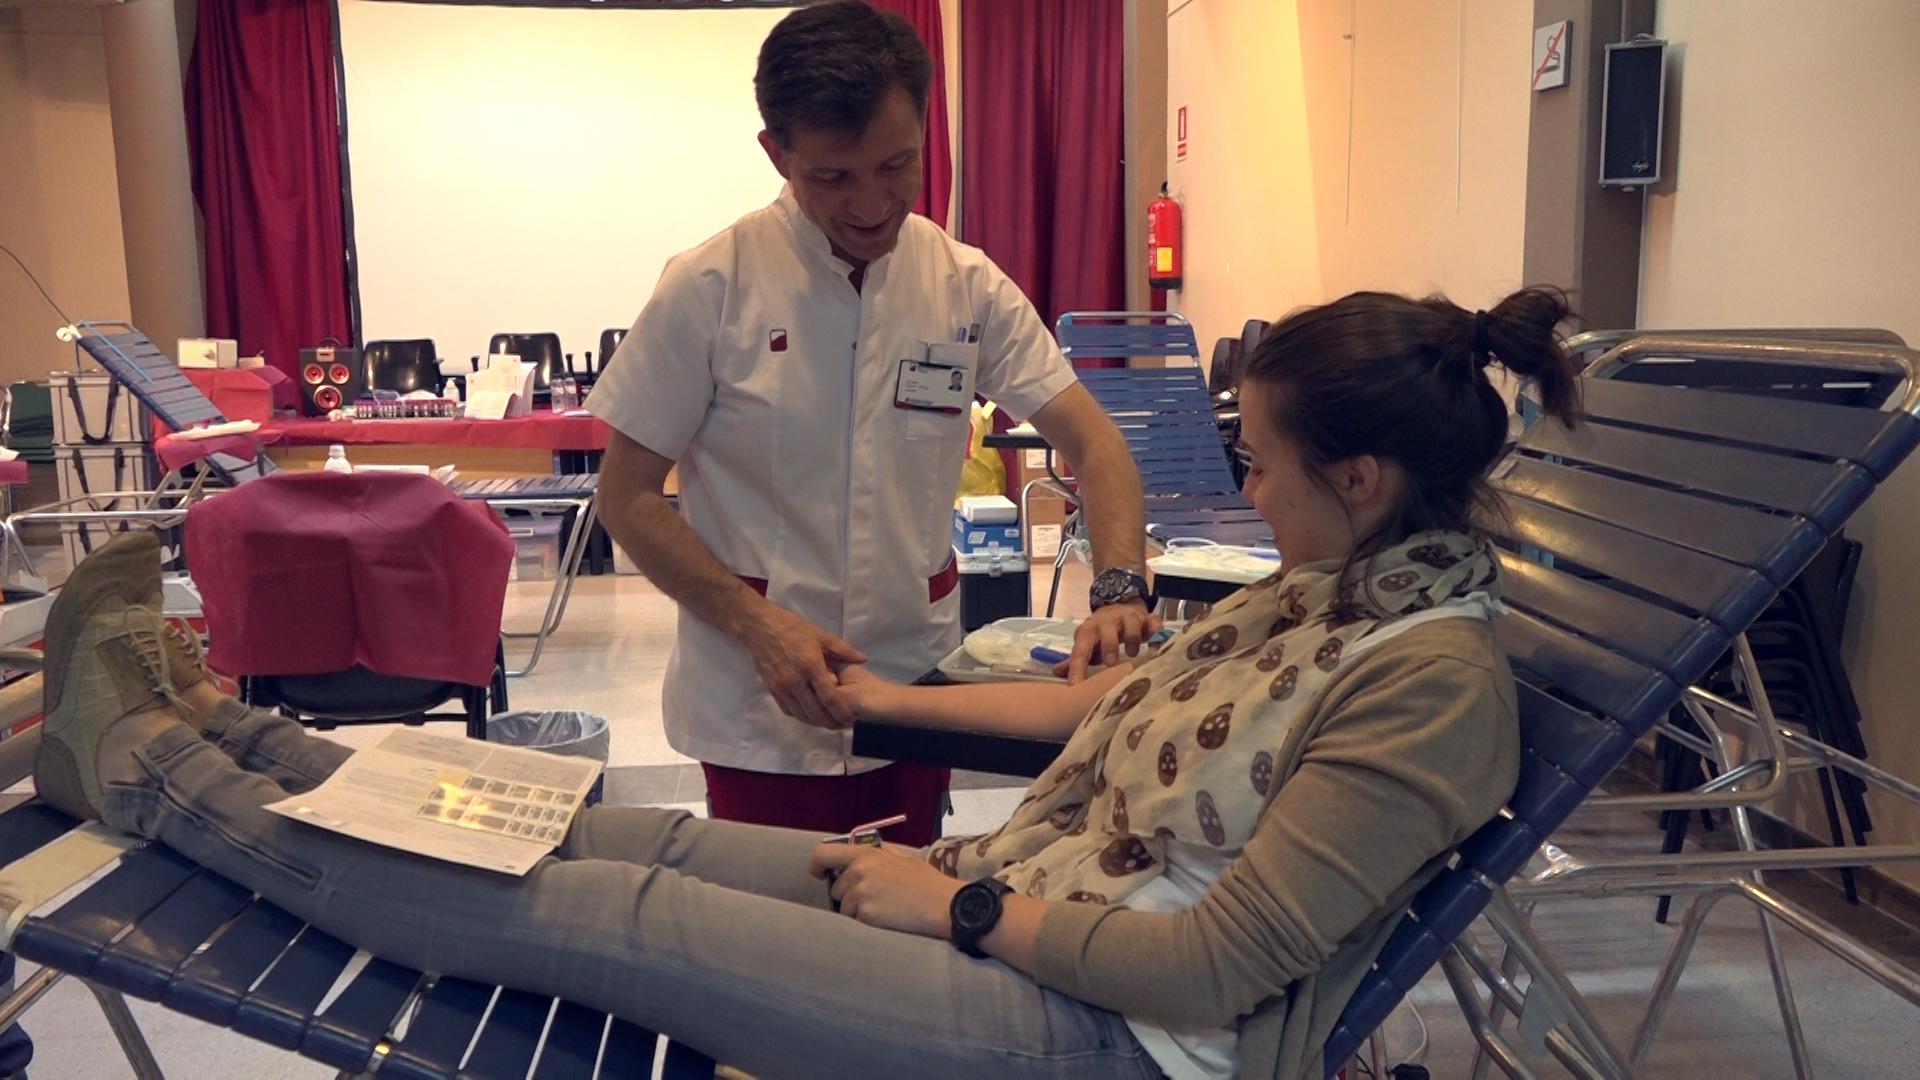 Donació de sang.00_01_49_15.Imagen fija004